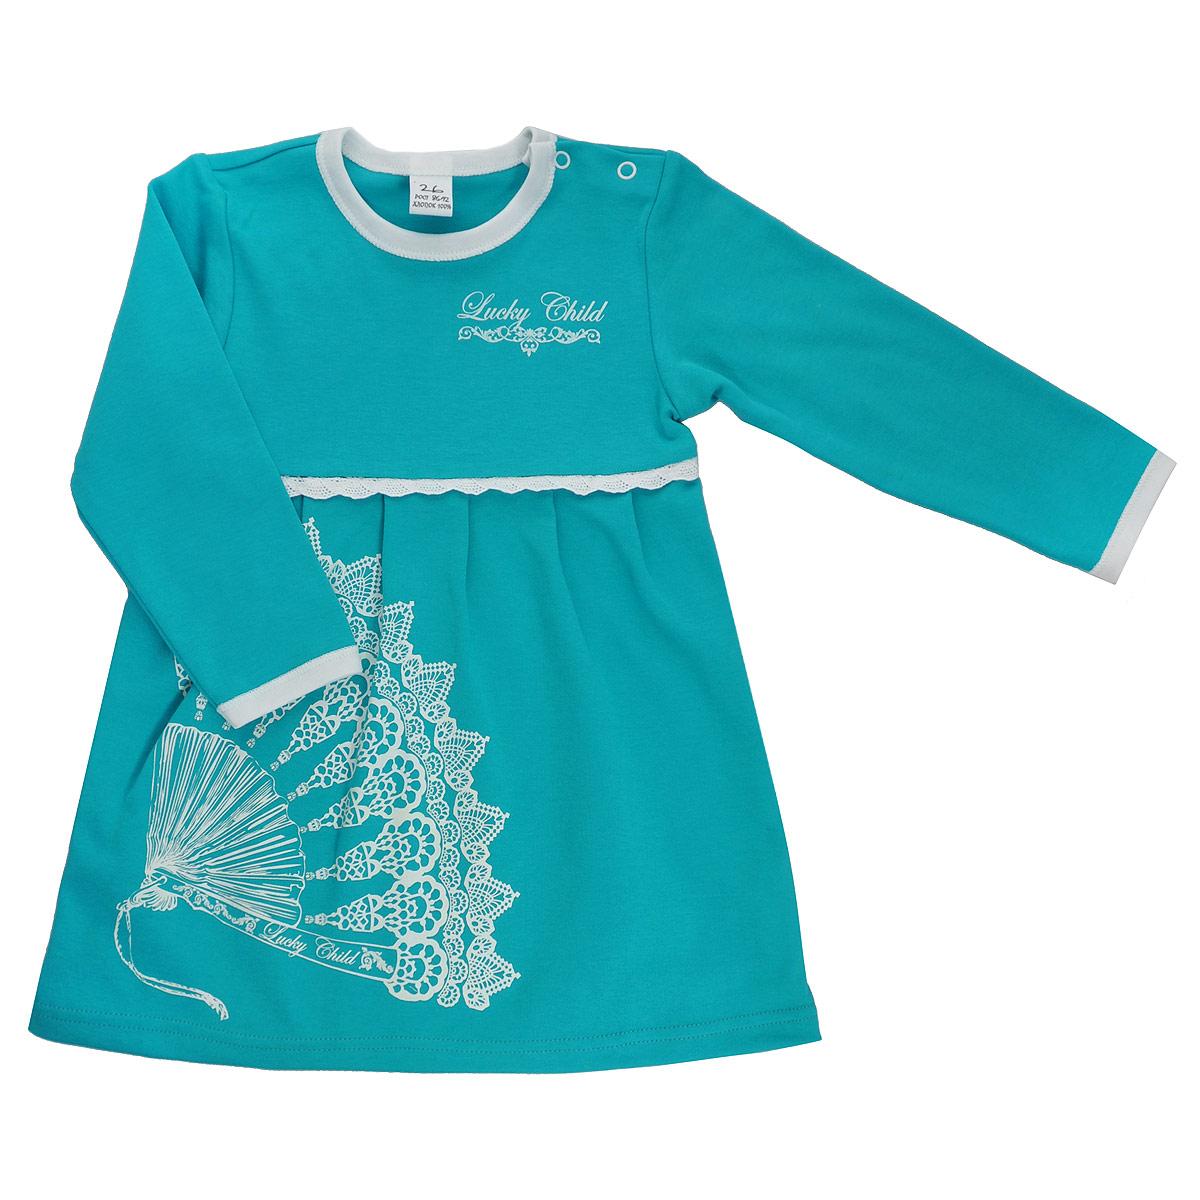 Платье для девочки Lucky Child Ретро, цвет: бирюзовый. 14-6. Размер 68/7414-6Платье для девочки Lucky Child Ретро послужит идеальным дополнением к гардеробу вашей малышки, обеспечивая ей наибольший комфорт. Изготовленное из натурального хлопка, оно необычайно мягкое и легкое, не раздражает нежную кожу ребенка и хорошо вентилируется, а эластичные швы приятны телу ребенка и не препятствуют его движениям. Платье с длинными рукавами и круглым врезом горловины имеет кнопки по плечу, которые позволяют без труда переодеть малышку. Спереди оно оформлено оригинальным принтом с изображением веера в стиле ретро. Платье полностью соответствует особенностям жизни ребенка в ранний период, не стесняя и не ограничивая его в движениях.